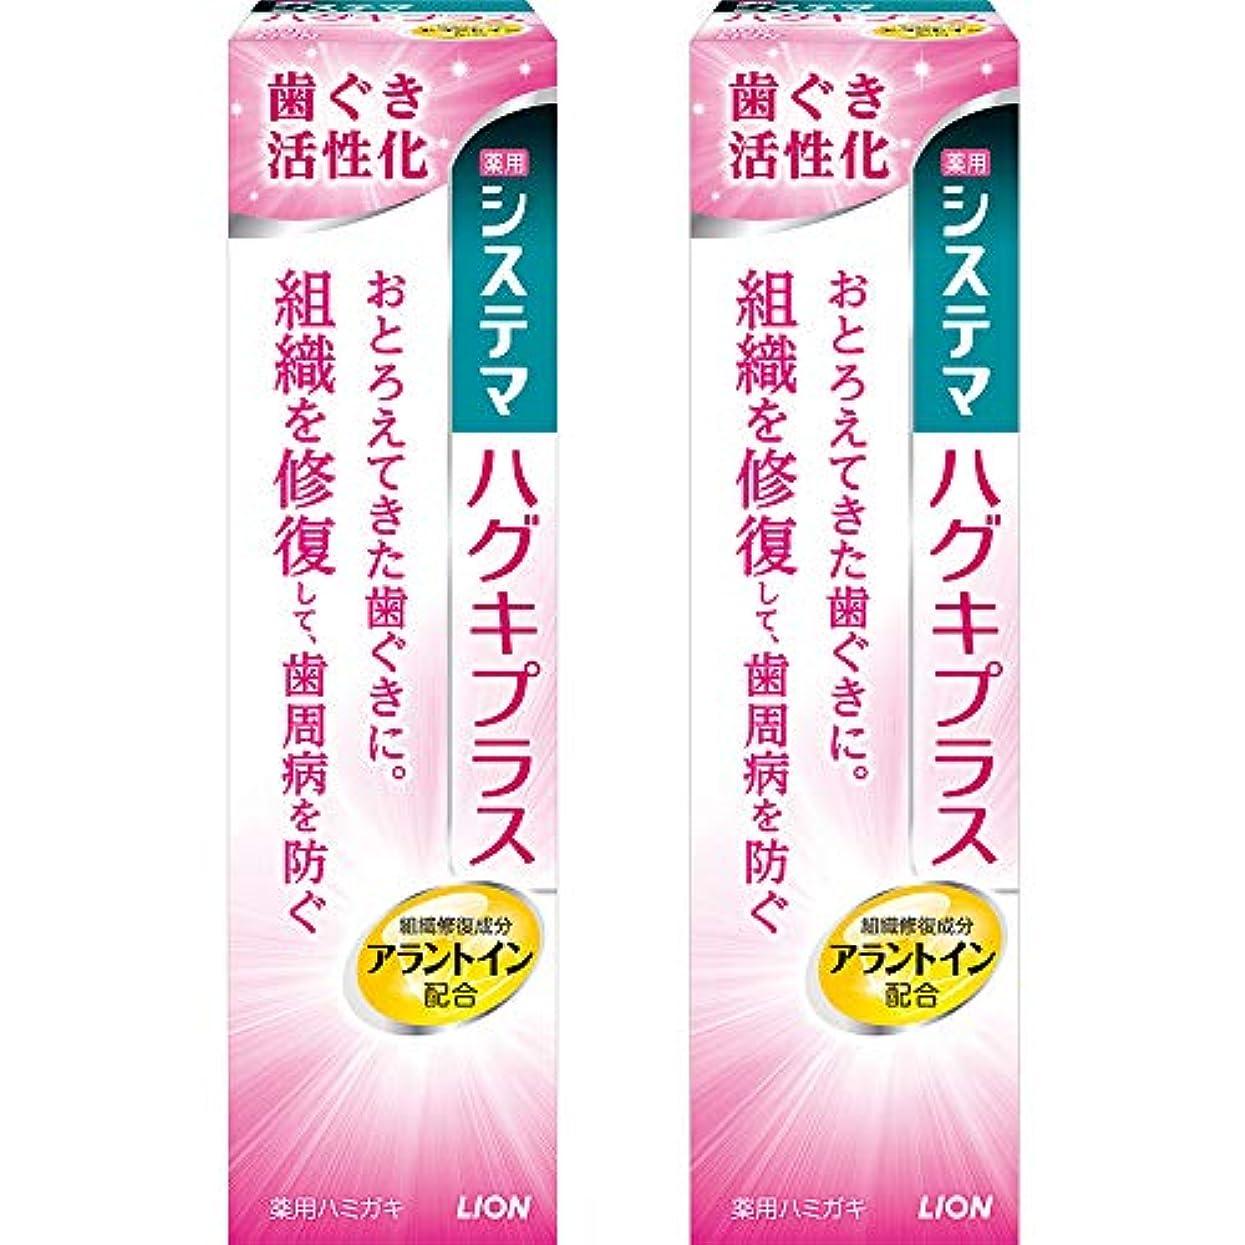 胃ヒップ火星システマ ハグキプラス ハミガキ 90g×2個 [医薬部外品]